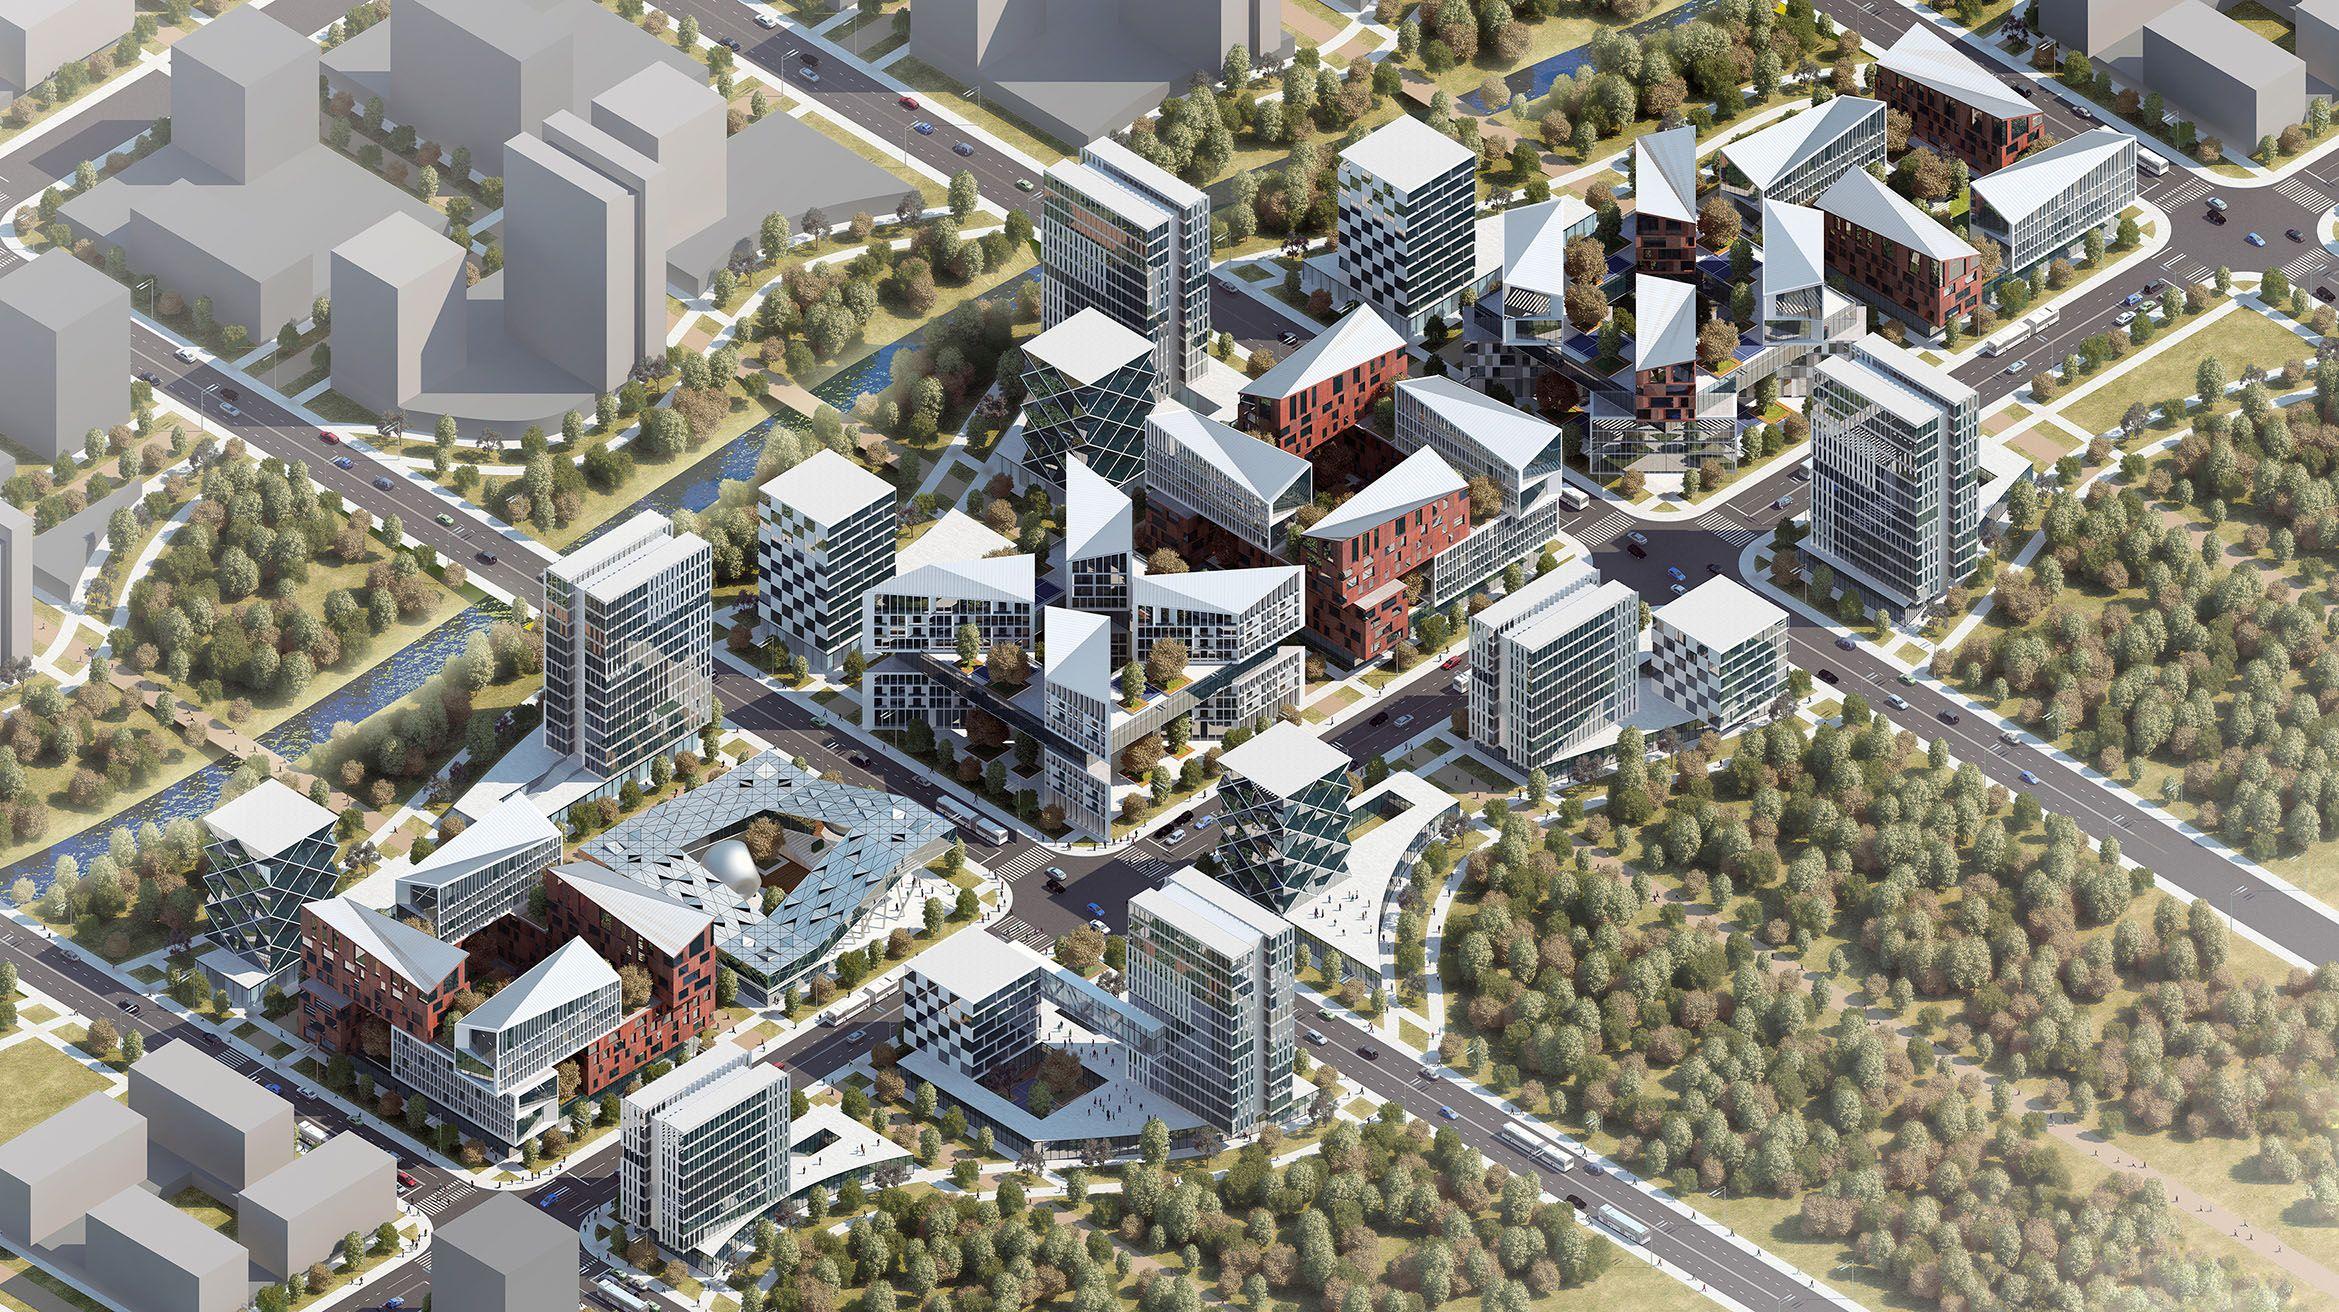 На территории каждого города действуют нормативные акты, описывающие концепцию застройки, допустимые параметры строительства.